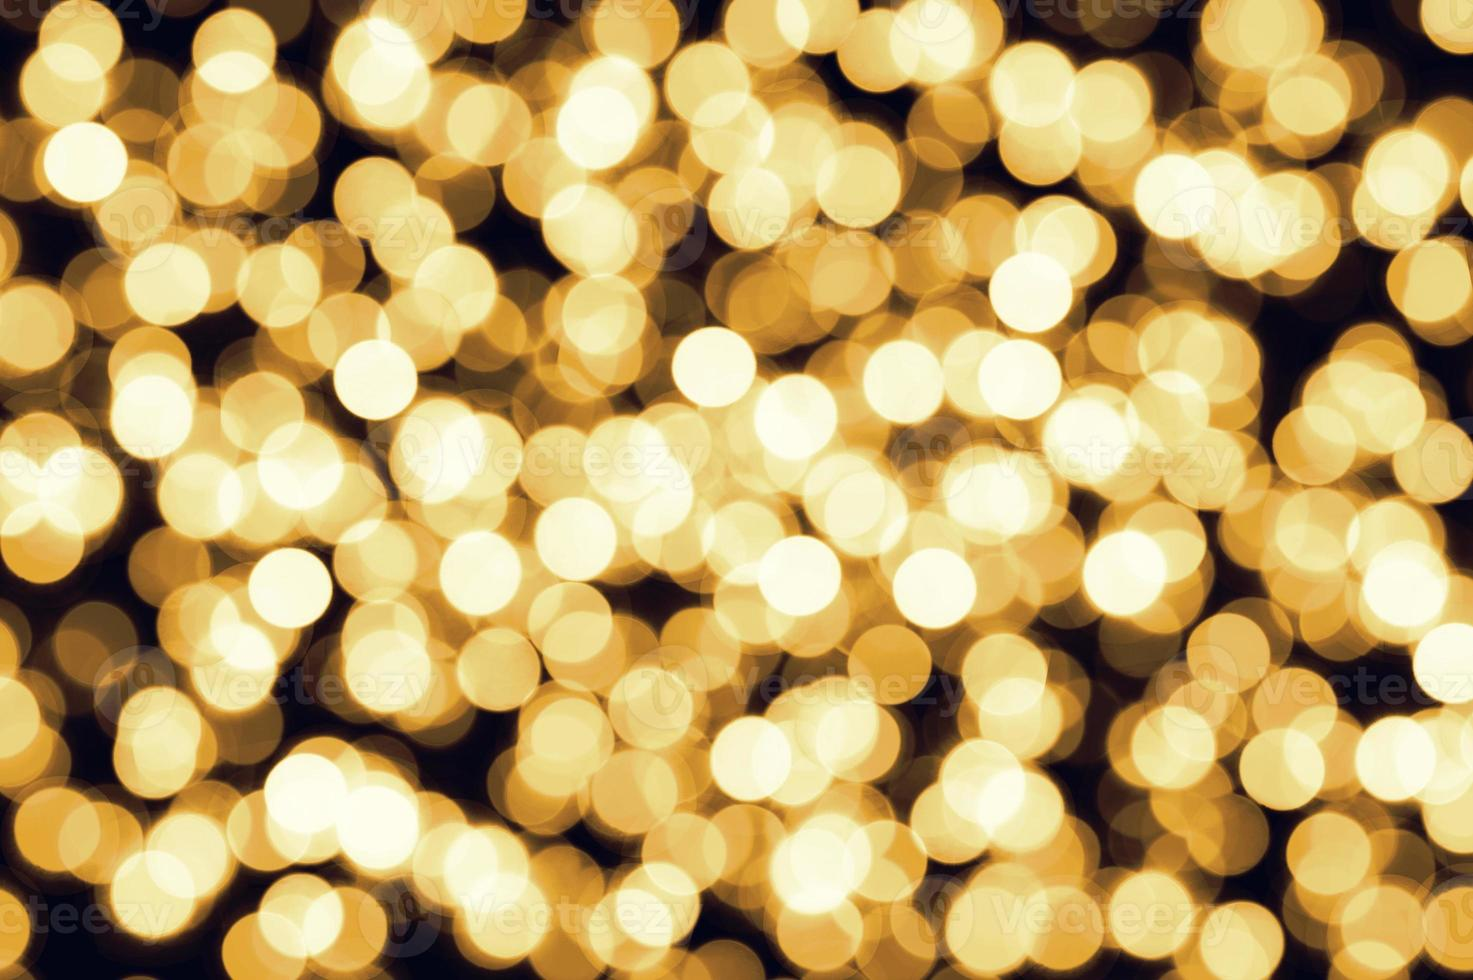 Fondo de luces de navidad bokeh desenfocado amarillo dorado foto